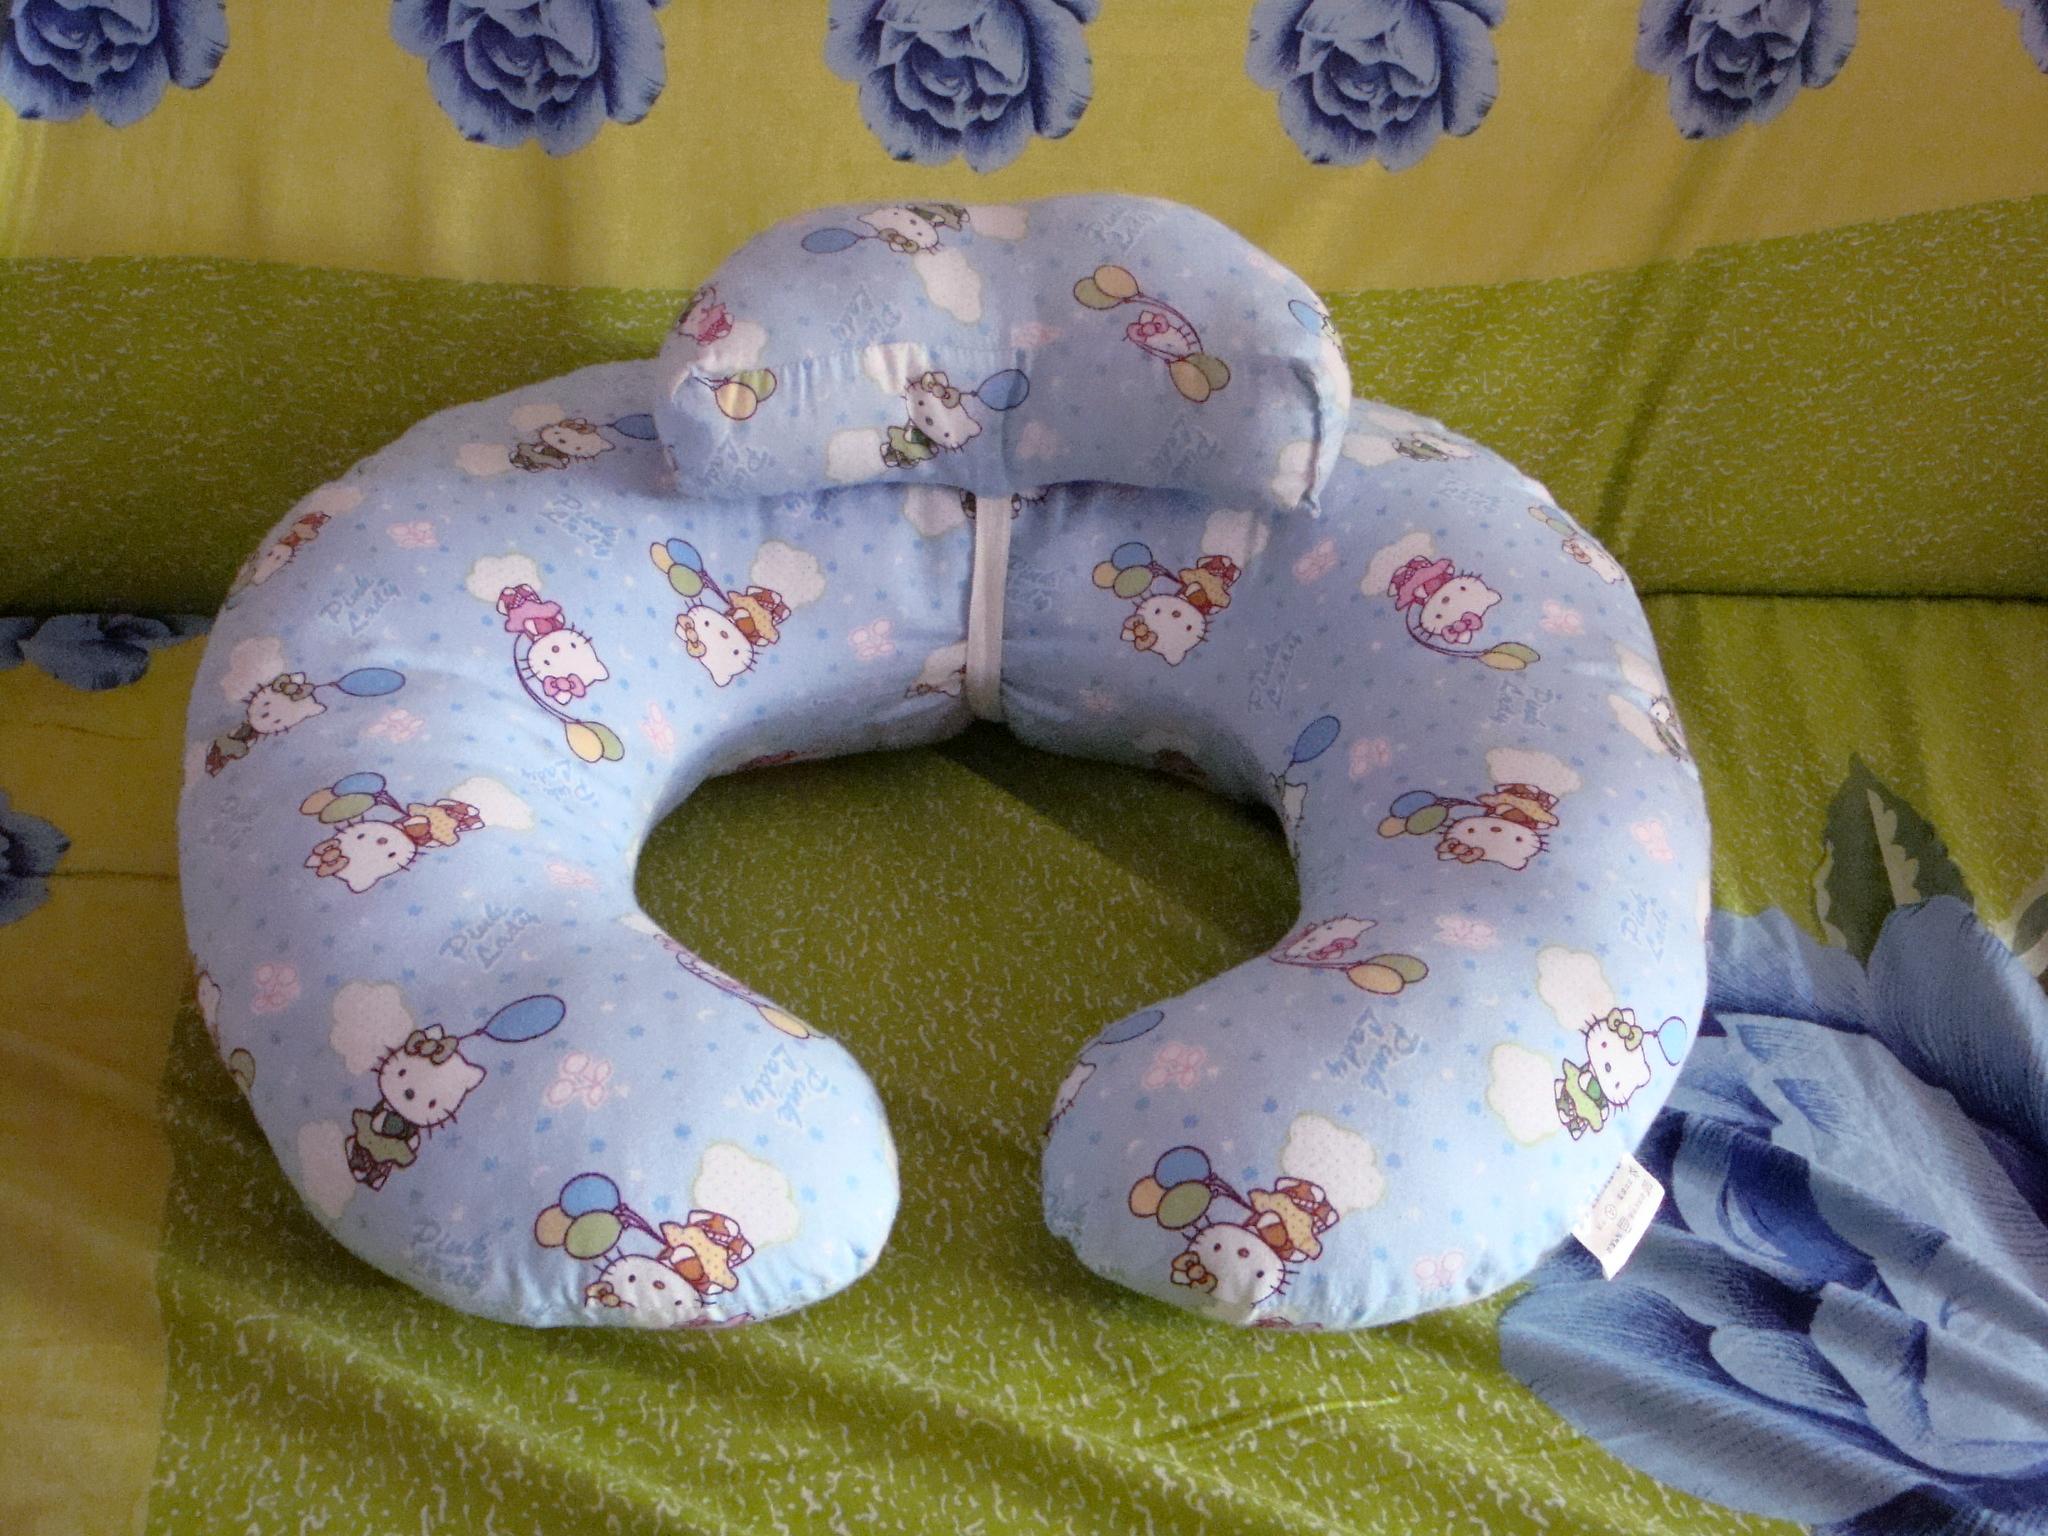 宝宝 儿童 婴儿/全新转袋鼠宝宝护脐贴肚脐贴 婴儿 儿童游泳洗澡戏水 婴儿必备